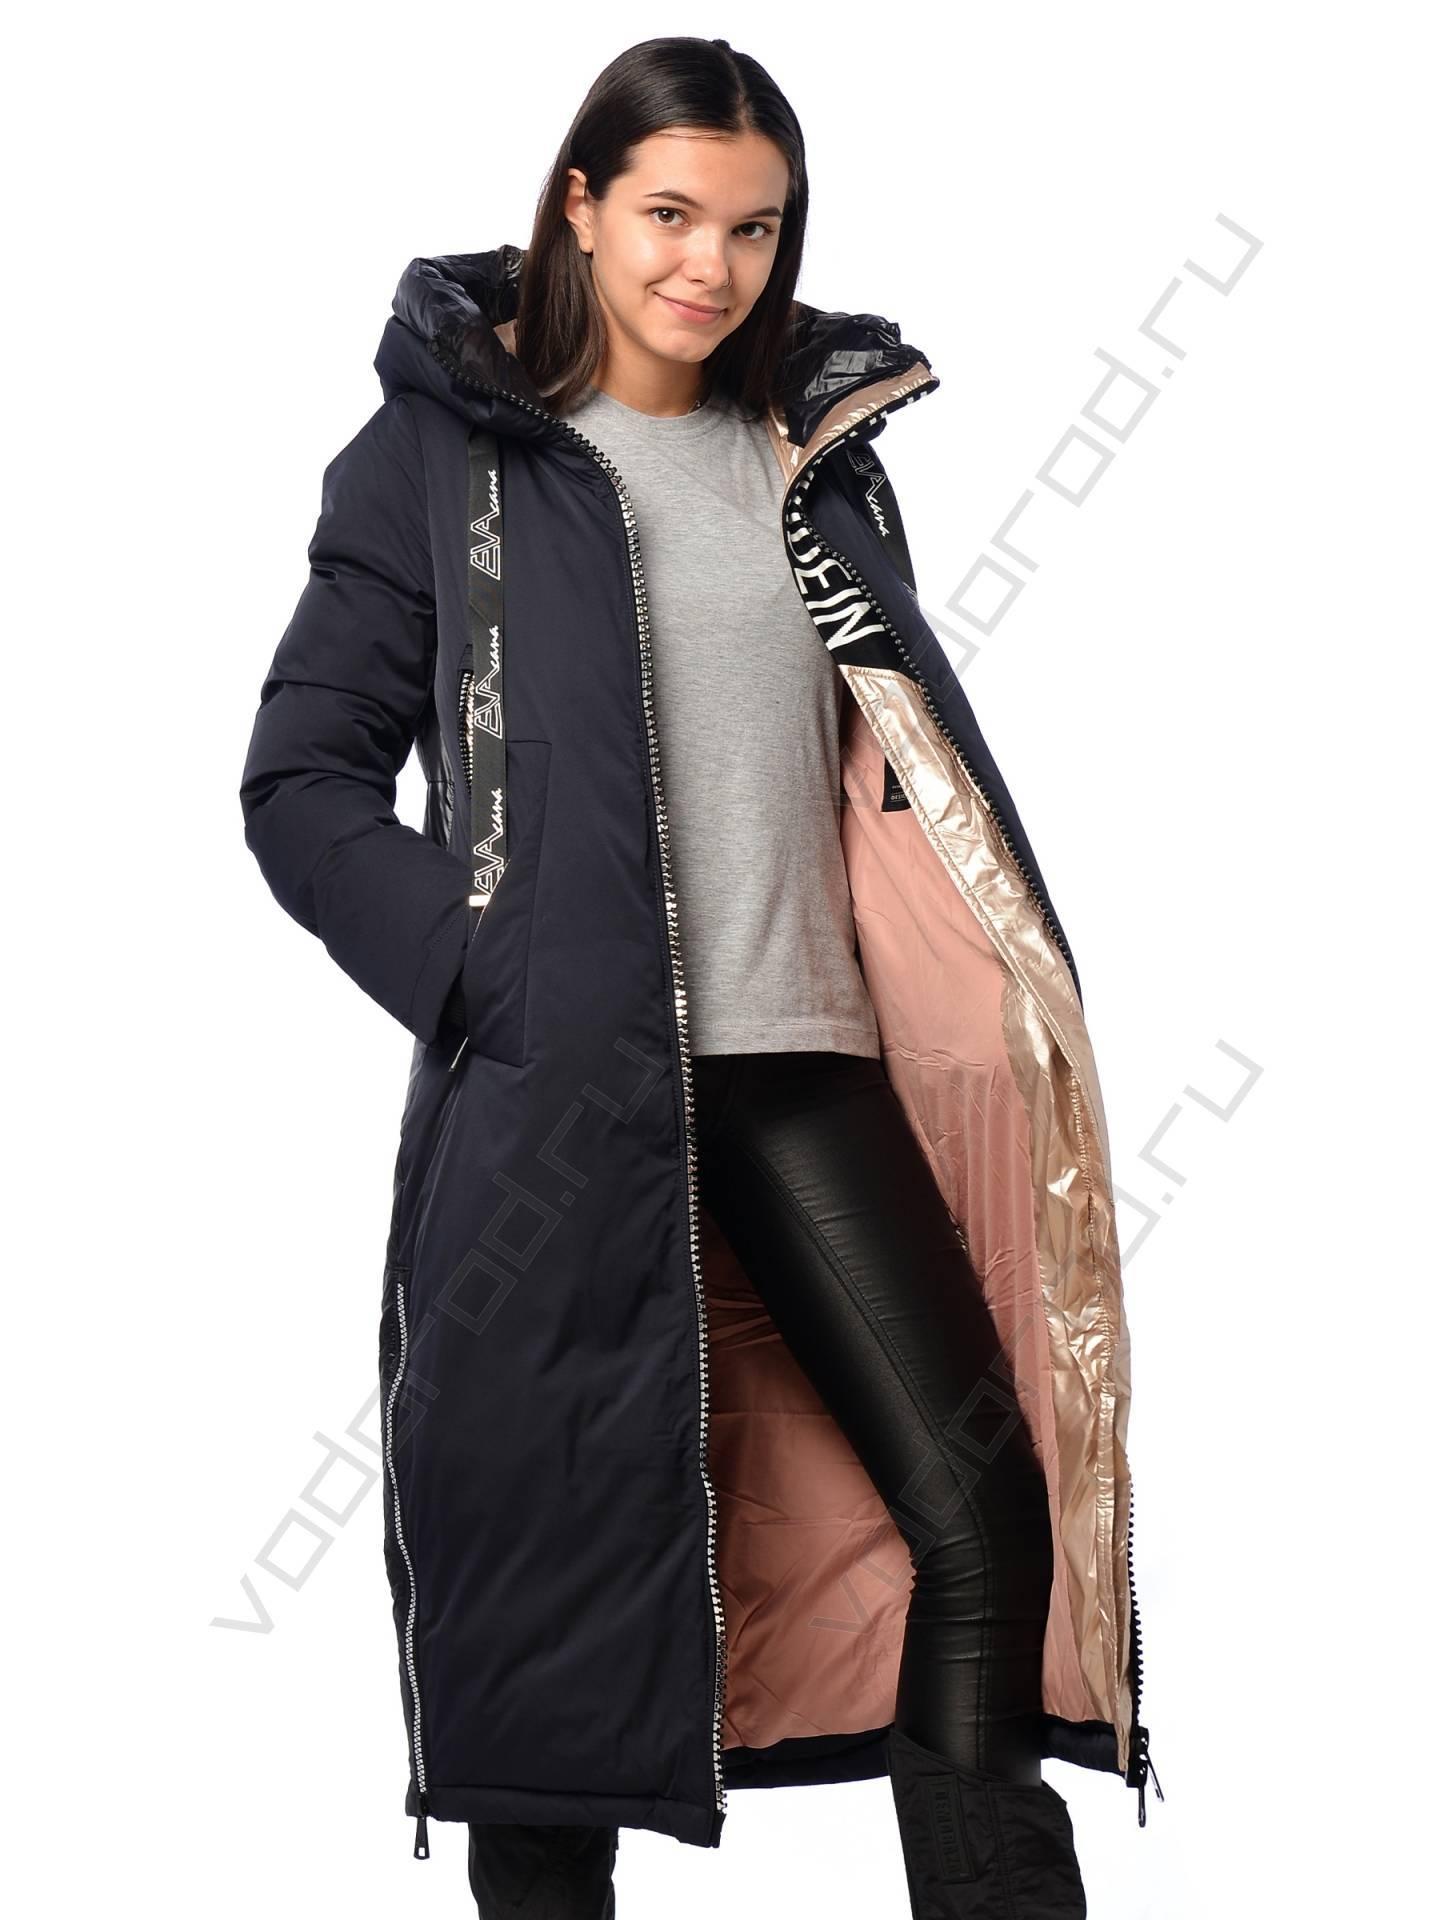 Купить удлиненный пуховик-куртку женскую в Хабаровске